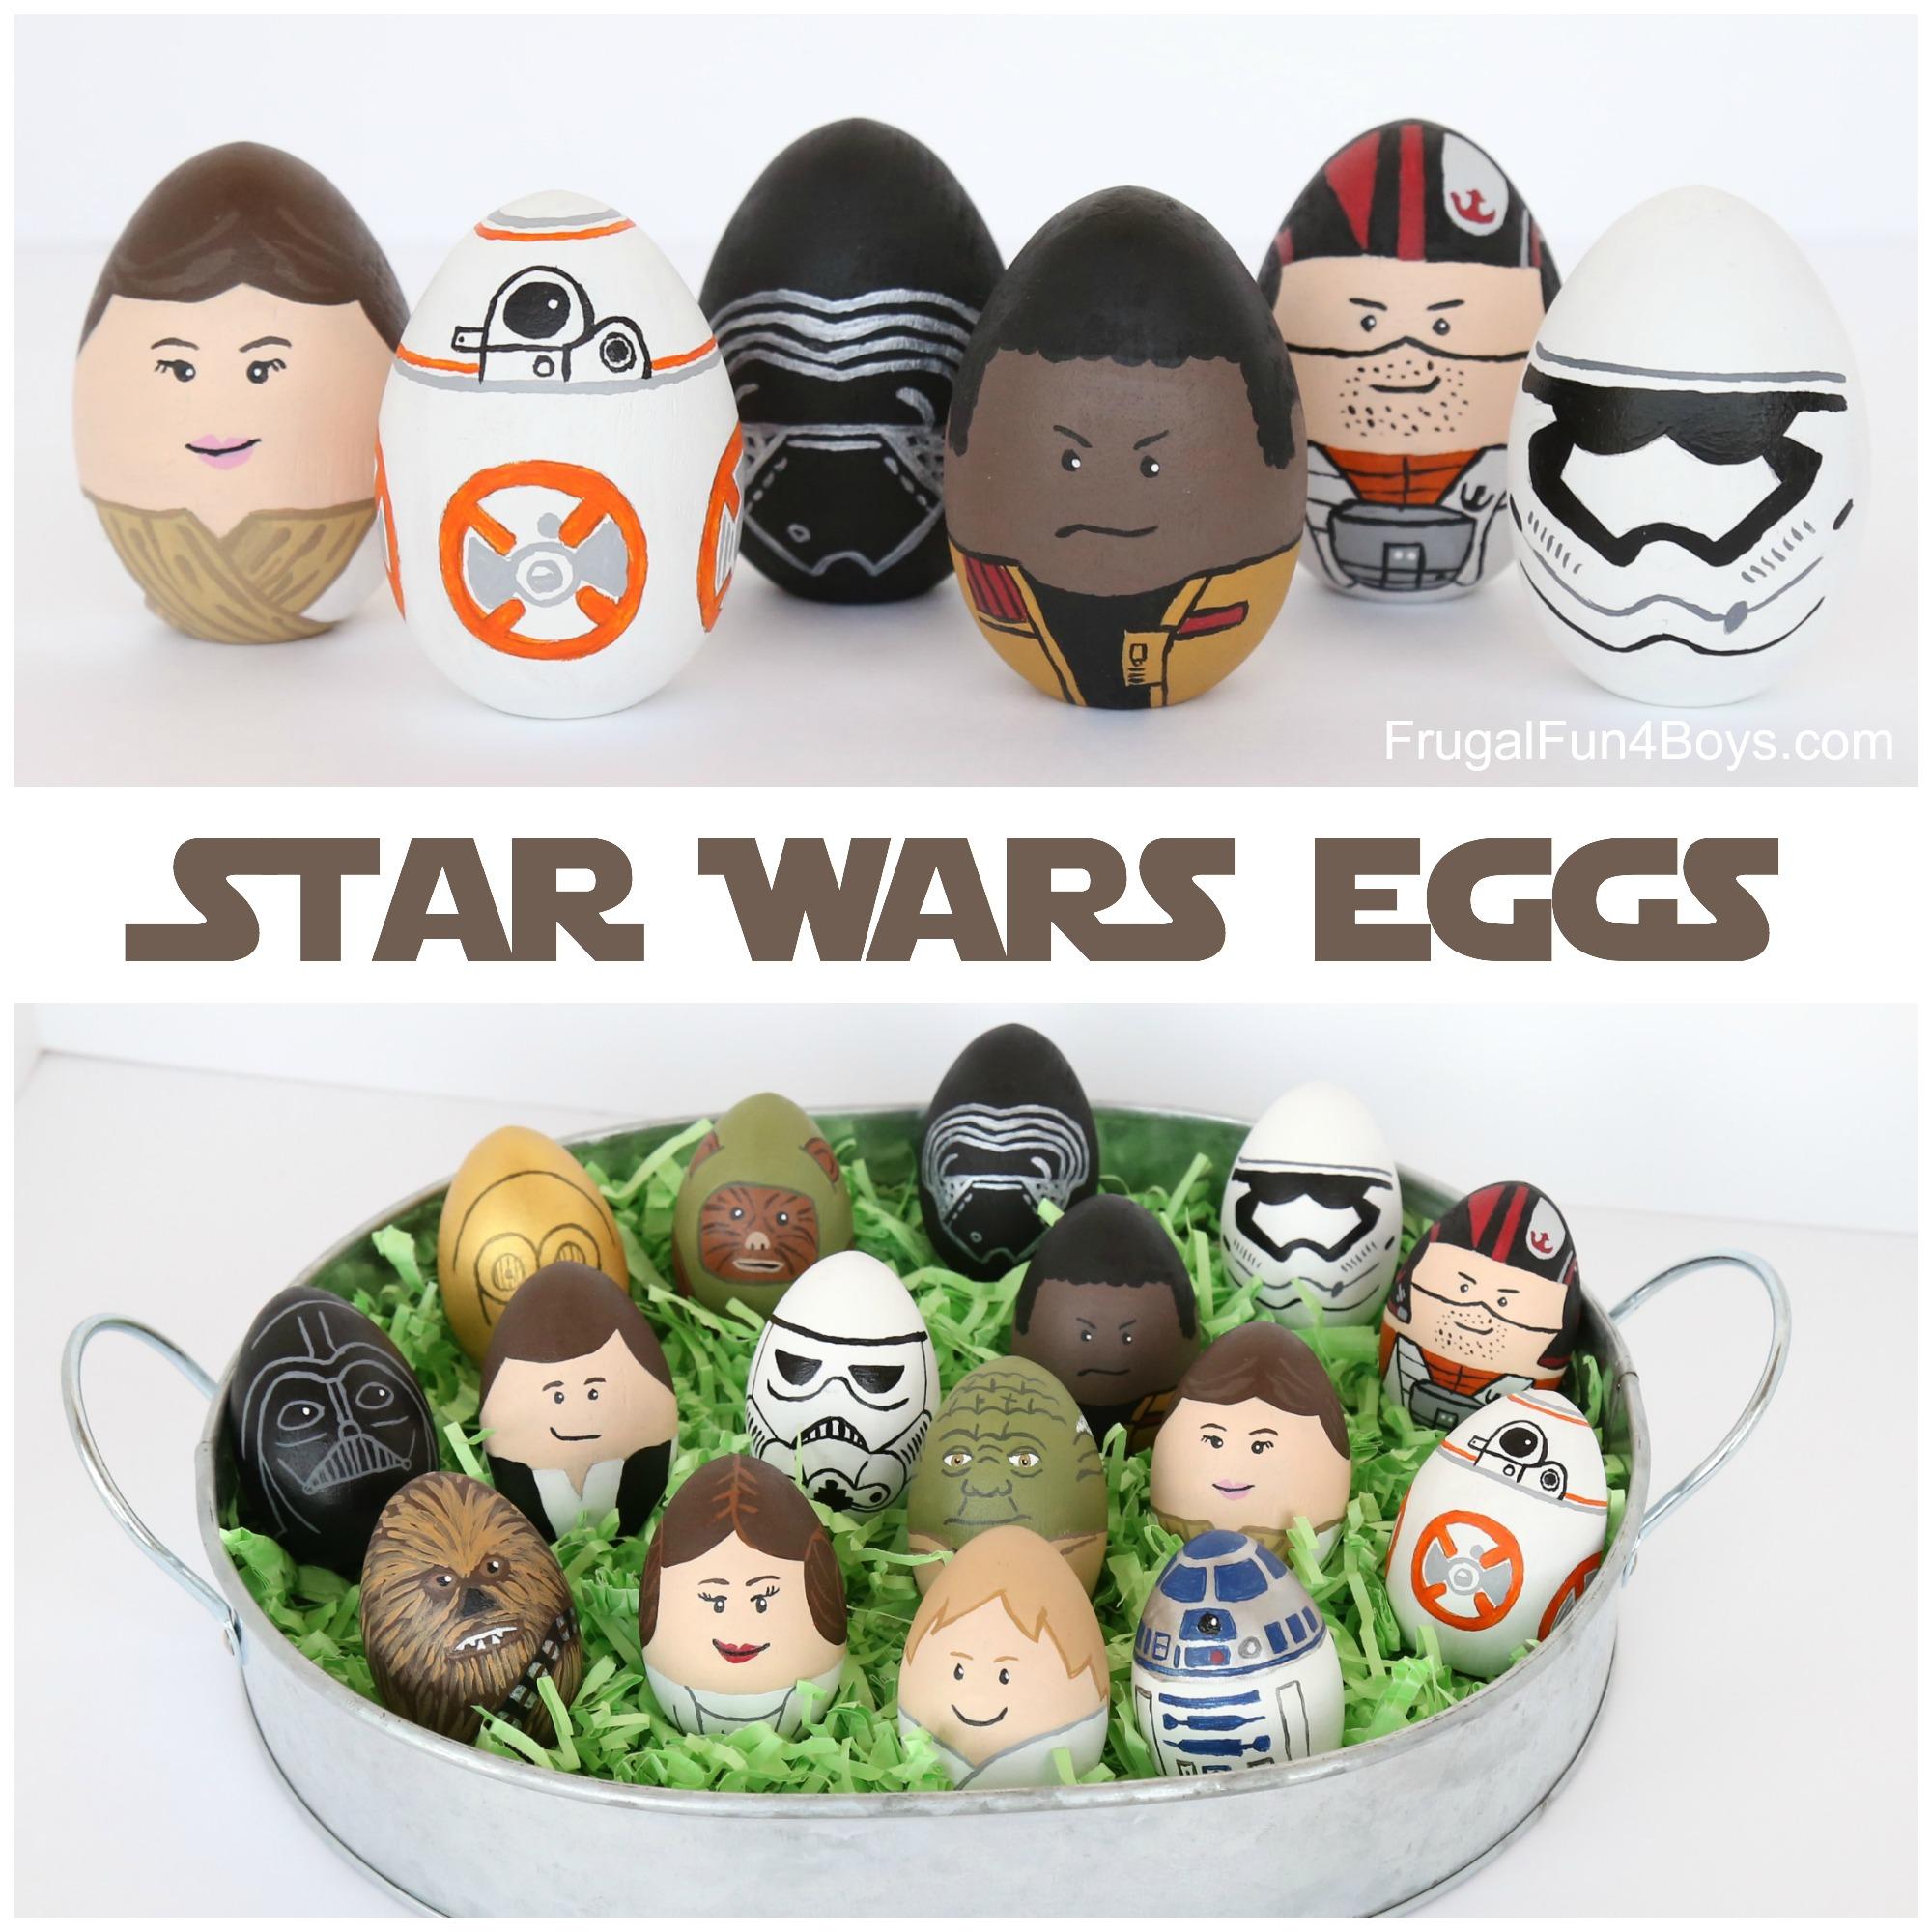 Star Wars Painted Easter Eggs - The Force Awakens, BB8, Rey, Finn, Poe, etc.